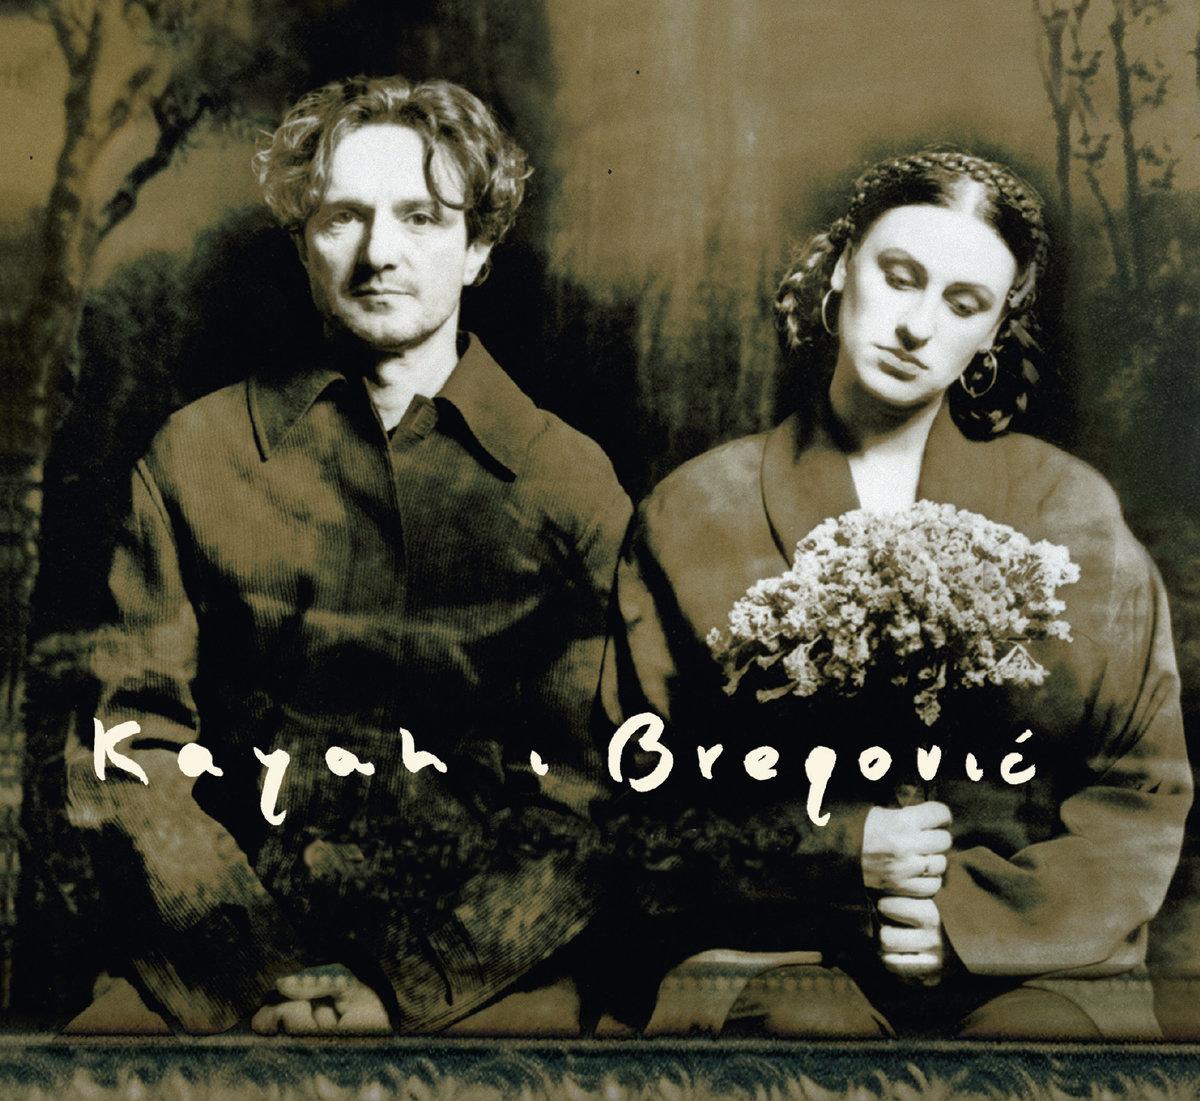 Goran Bregović i Kayah - Kayah i Bregović